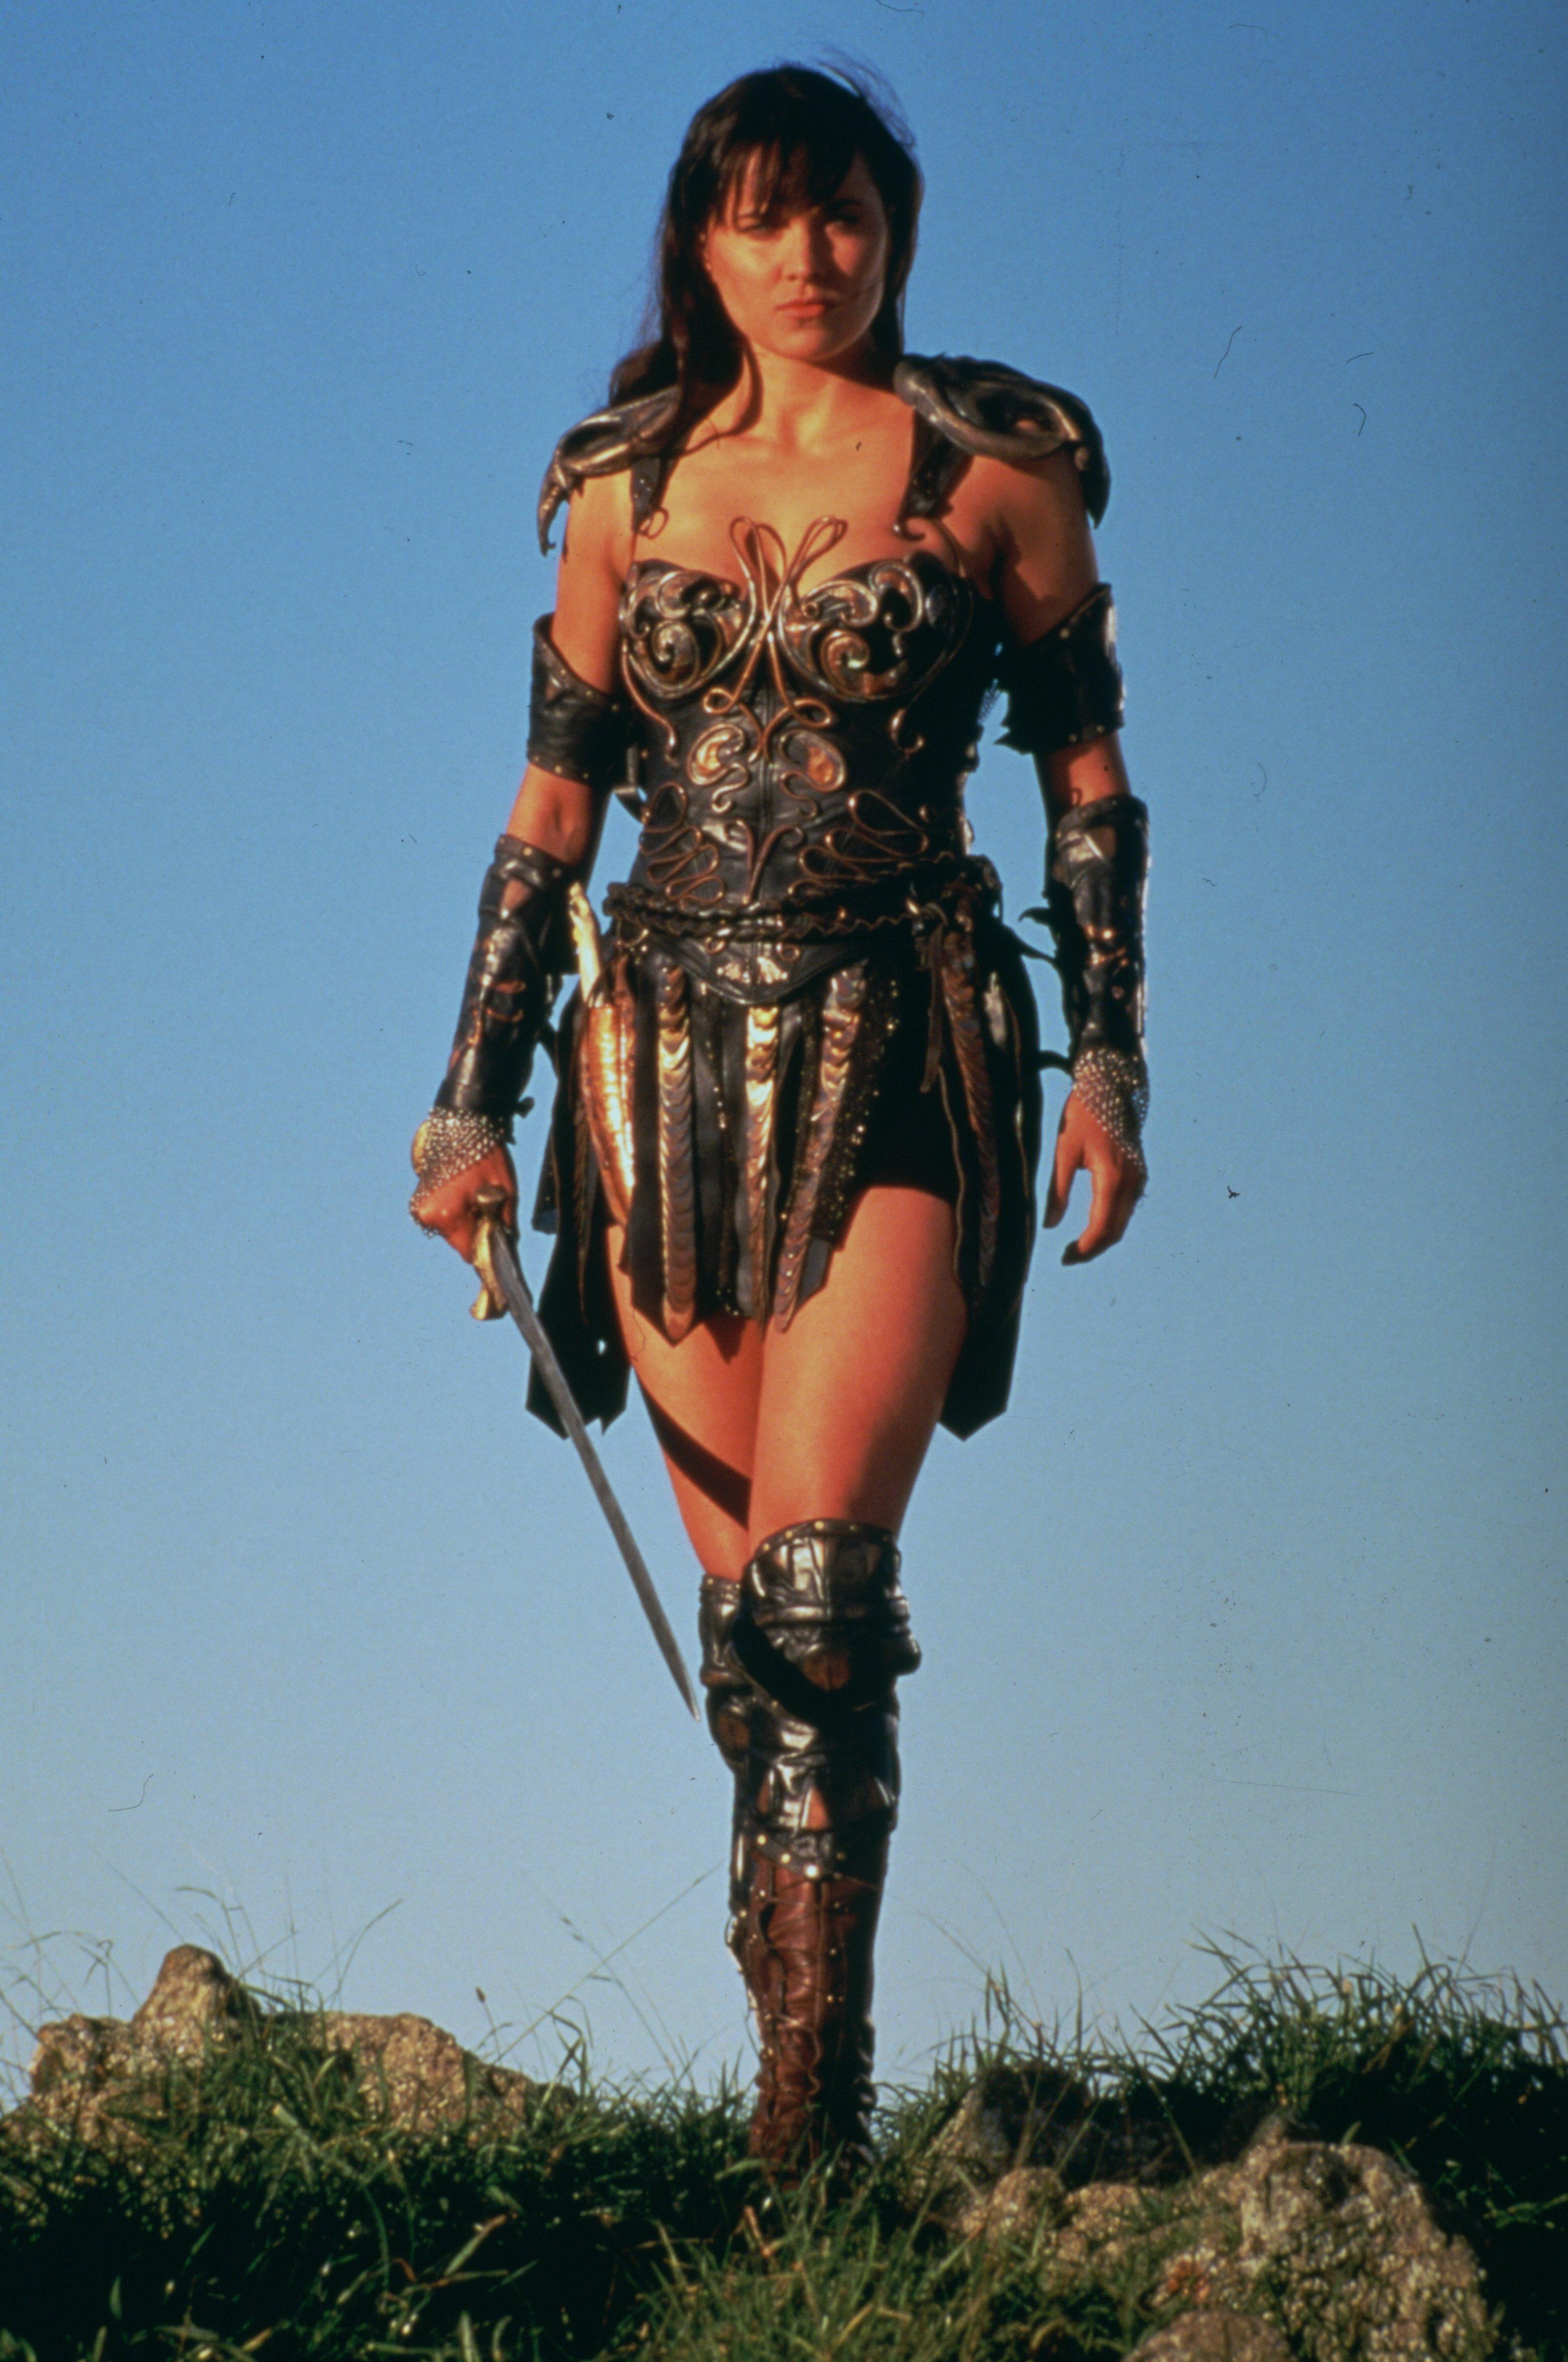 http://images6.fanpop.com/image/photos/35900000/Xena-big-size-xena-warrior-princess-35948592-3112-4688.jpg